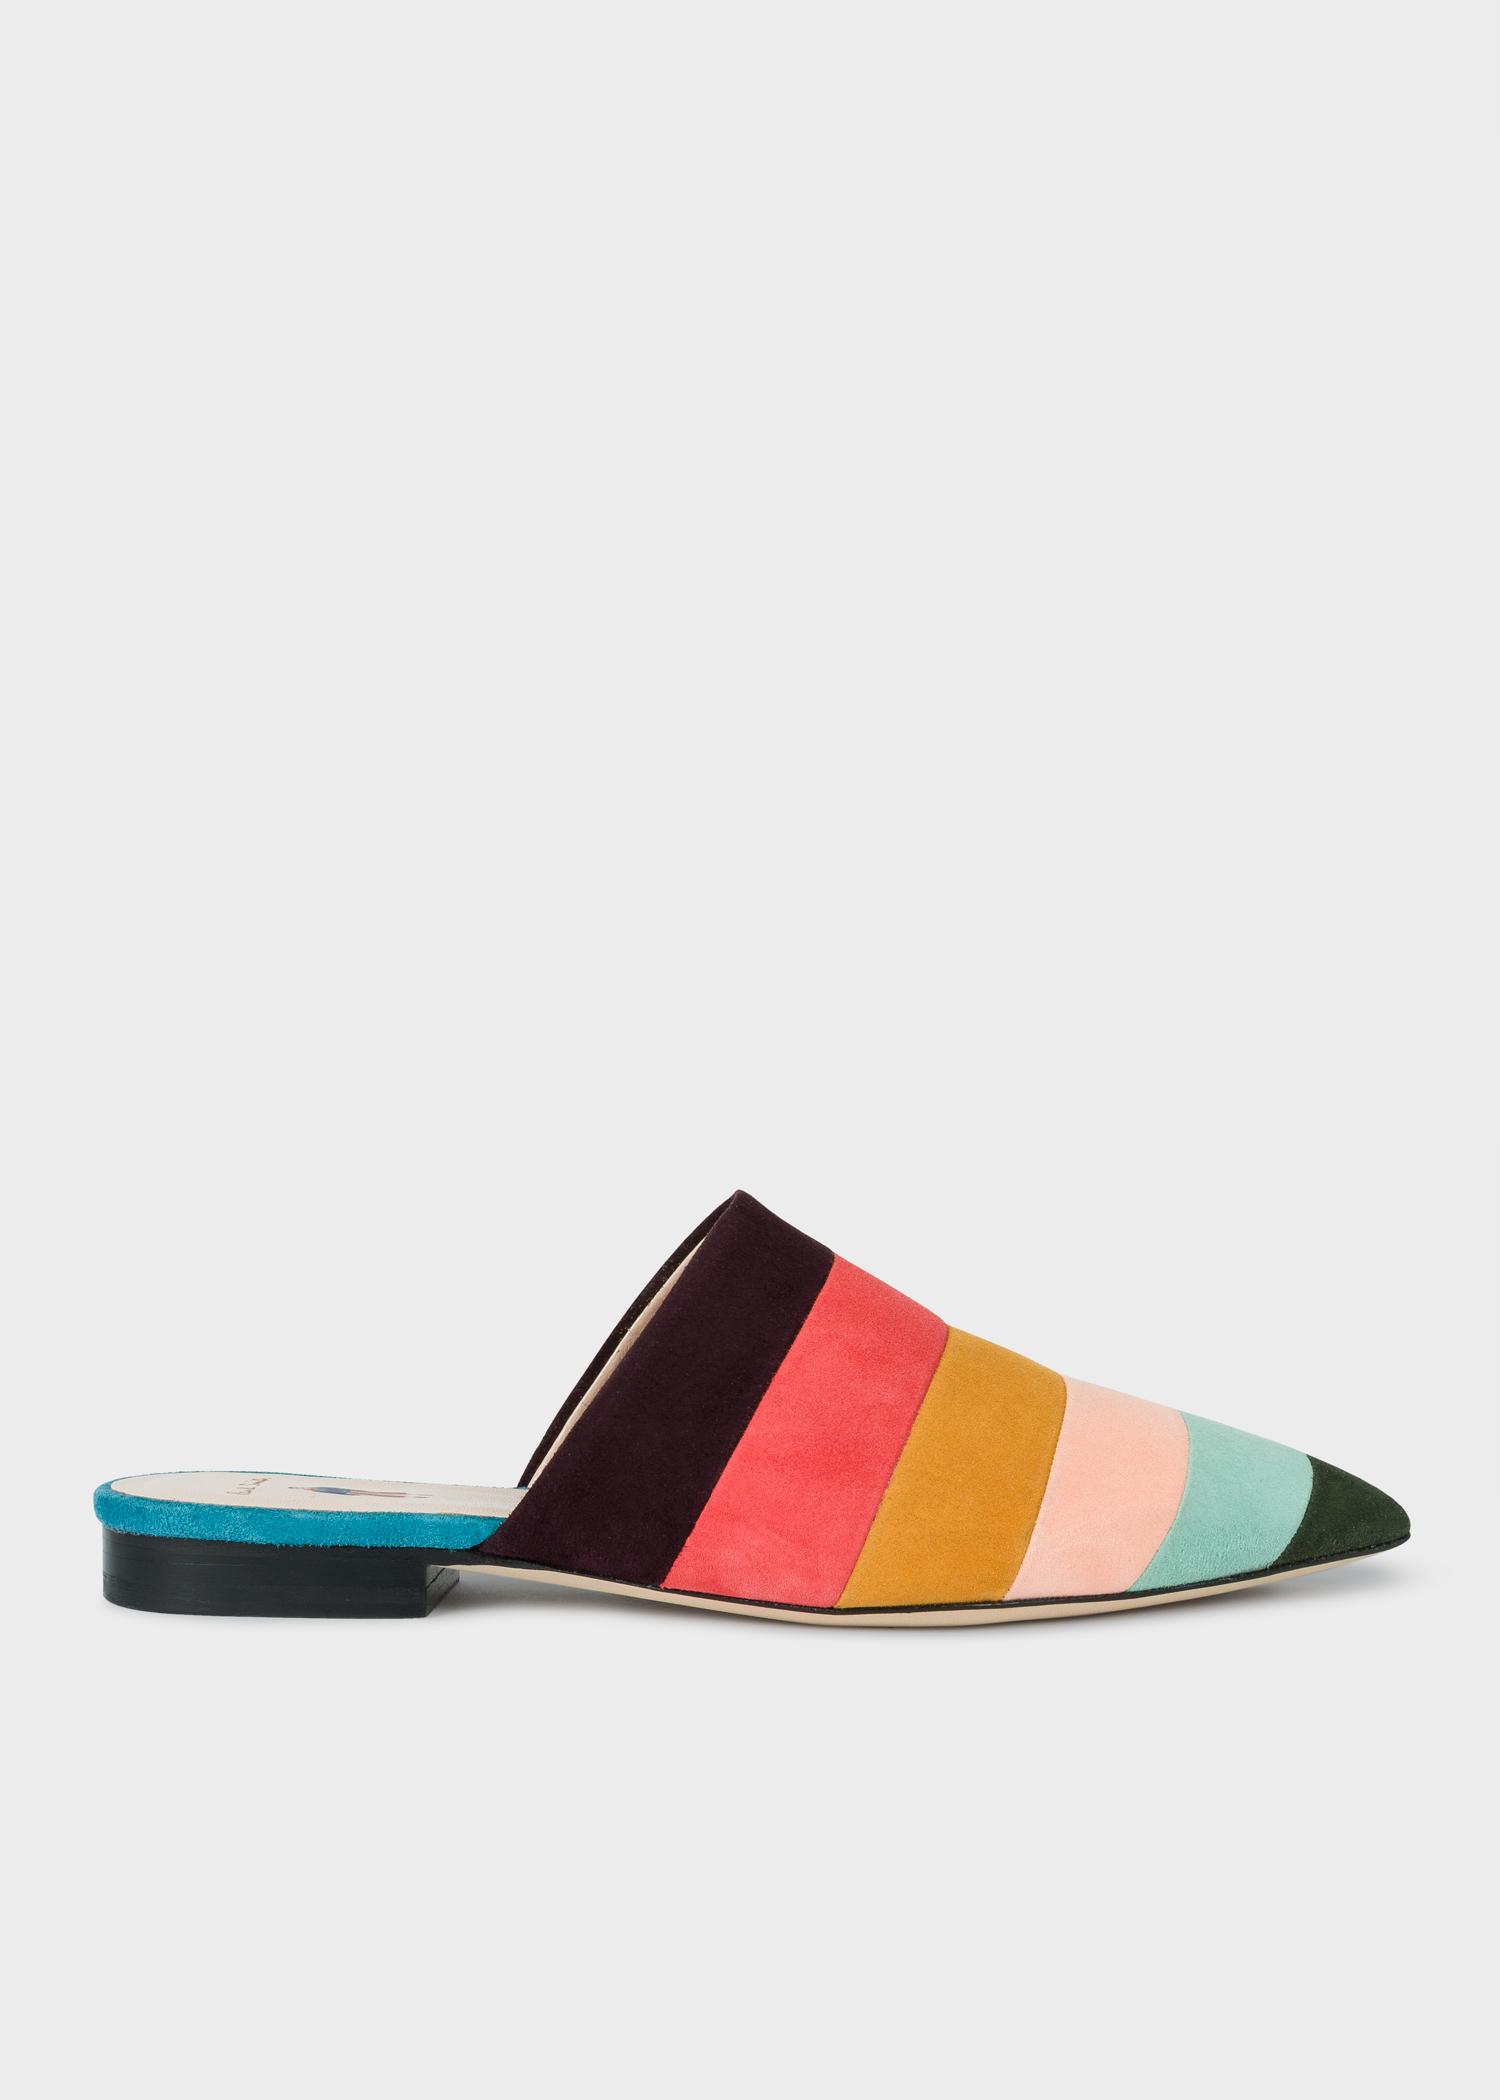 Mules Stripe Smith Multicolor Paul Ciprian Artist gbYf76yv